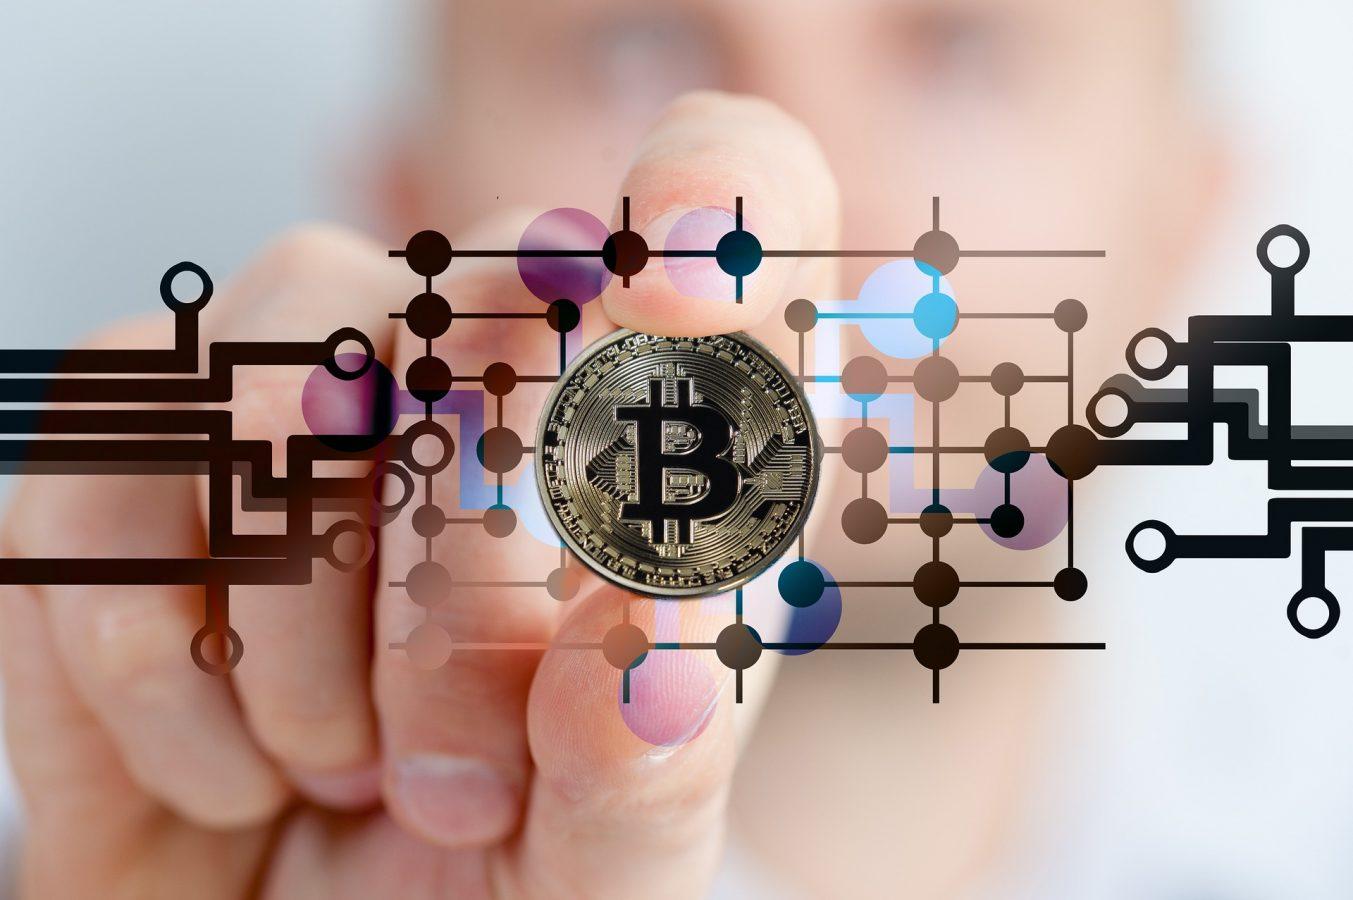 Bitcoin e Criptovalute come il denaro digitale cambiera il nostro futuro - Bitcoin e Criptovalute come il denaro digitale cambierà il nostro futuro